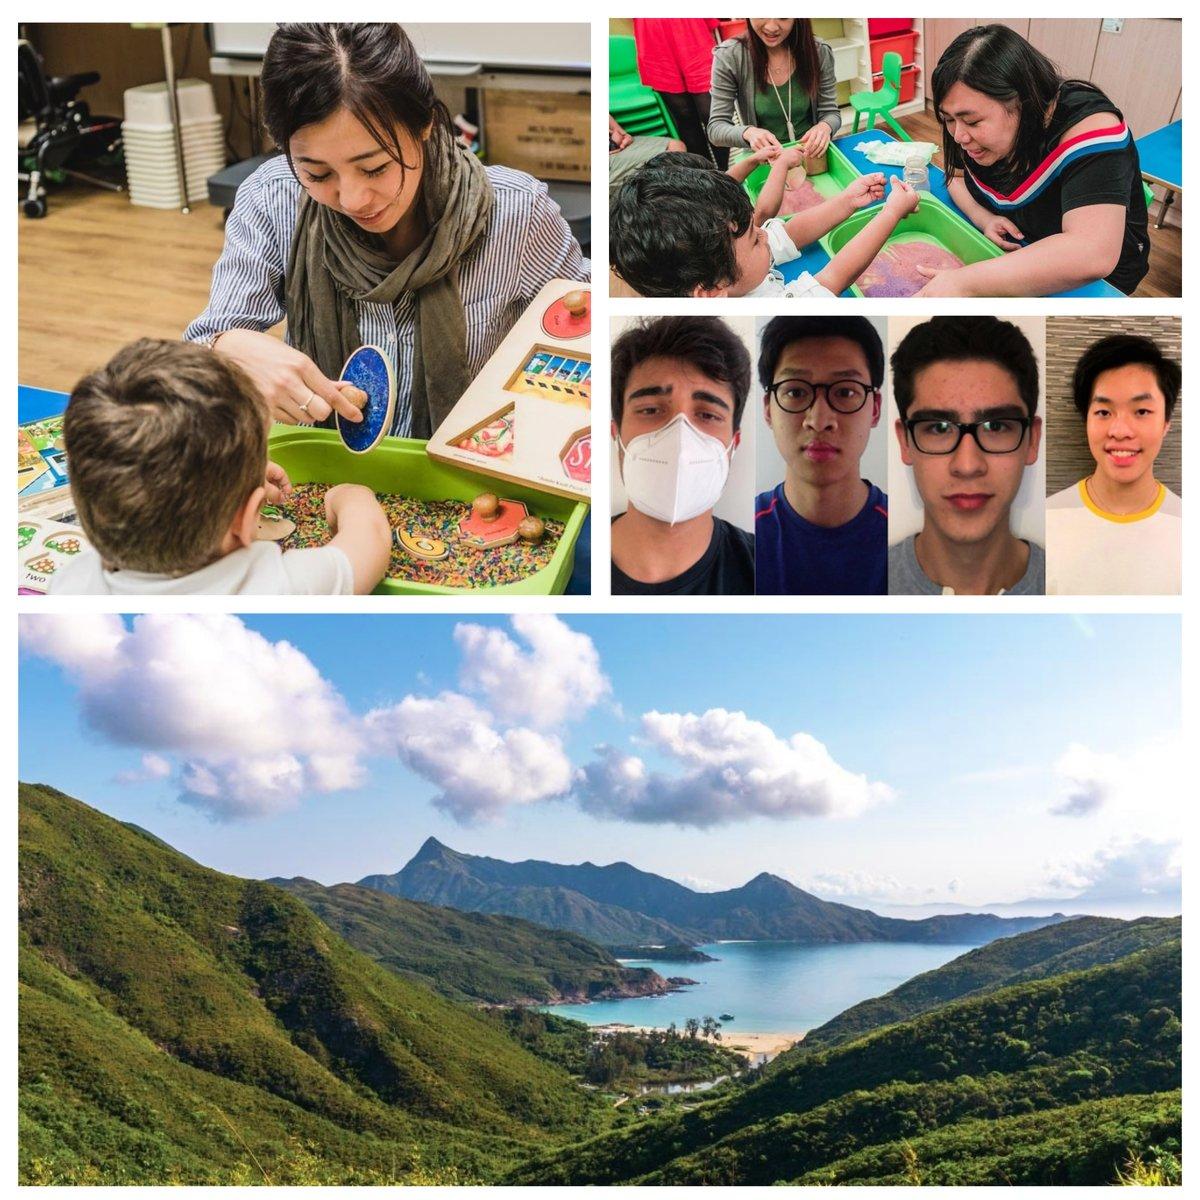 四名中學生將於3月27日起,一連三日挑戰本港最長行山徑——全長100公里的麥理浩徑,以幫助有特殊教育需要孩子的非牟利機構籌款。(公關提供)